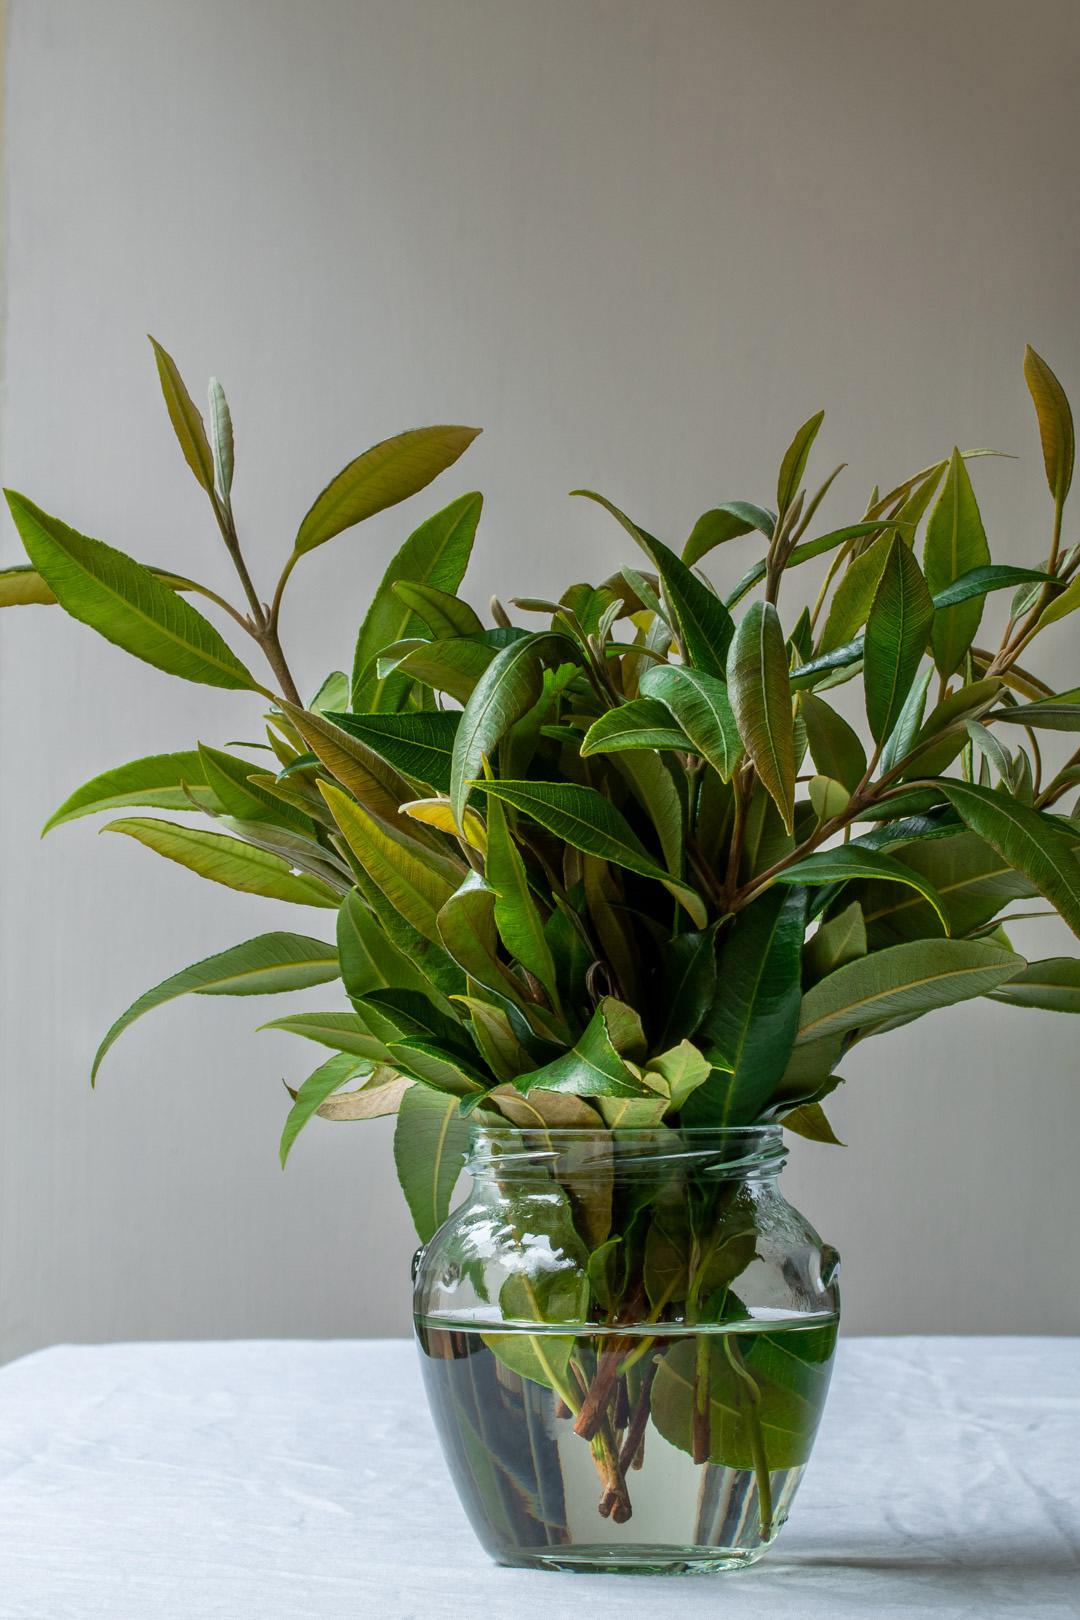 lemon myrtle leaves in glass jar of water for lemon myrtle honey syrup